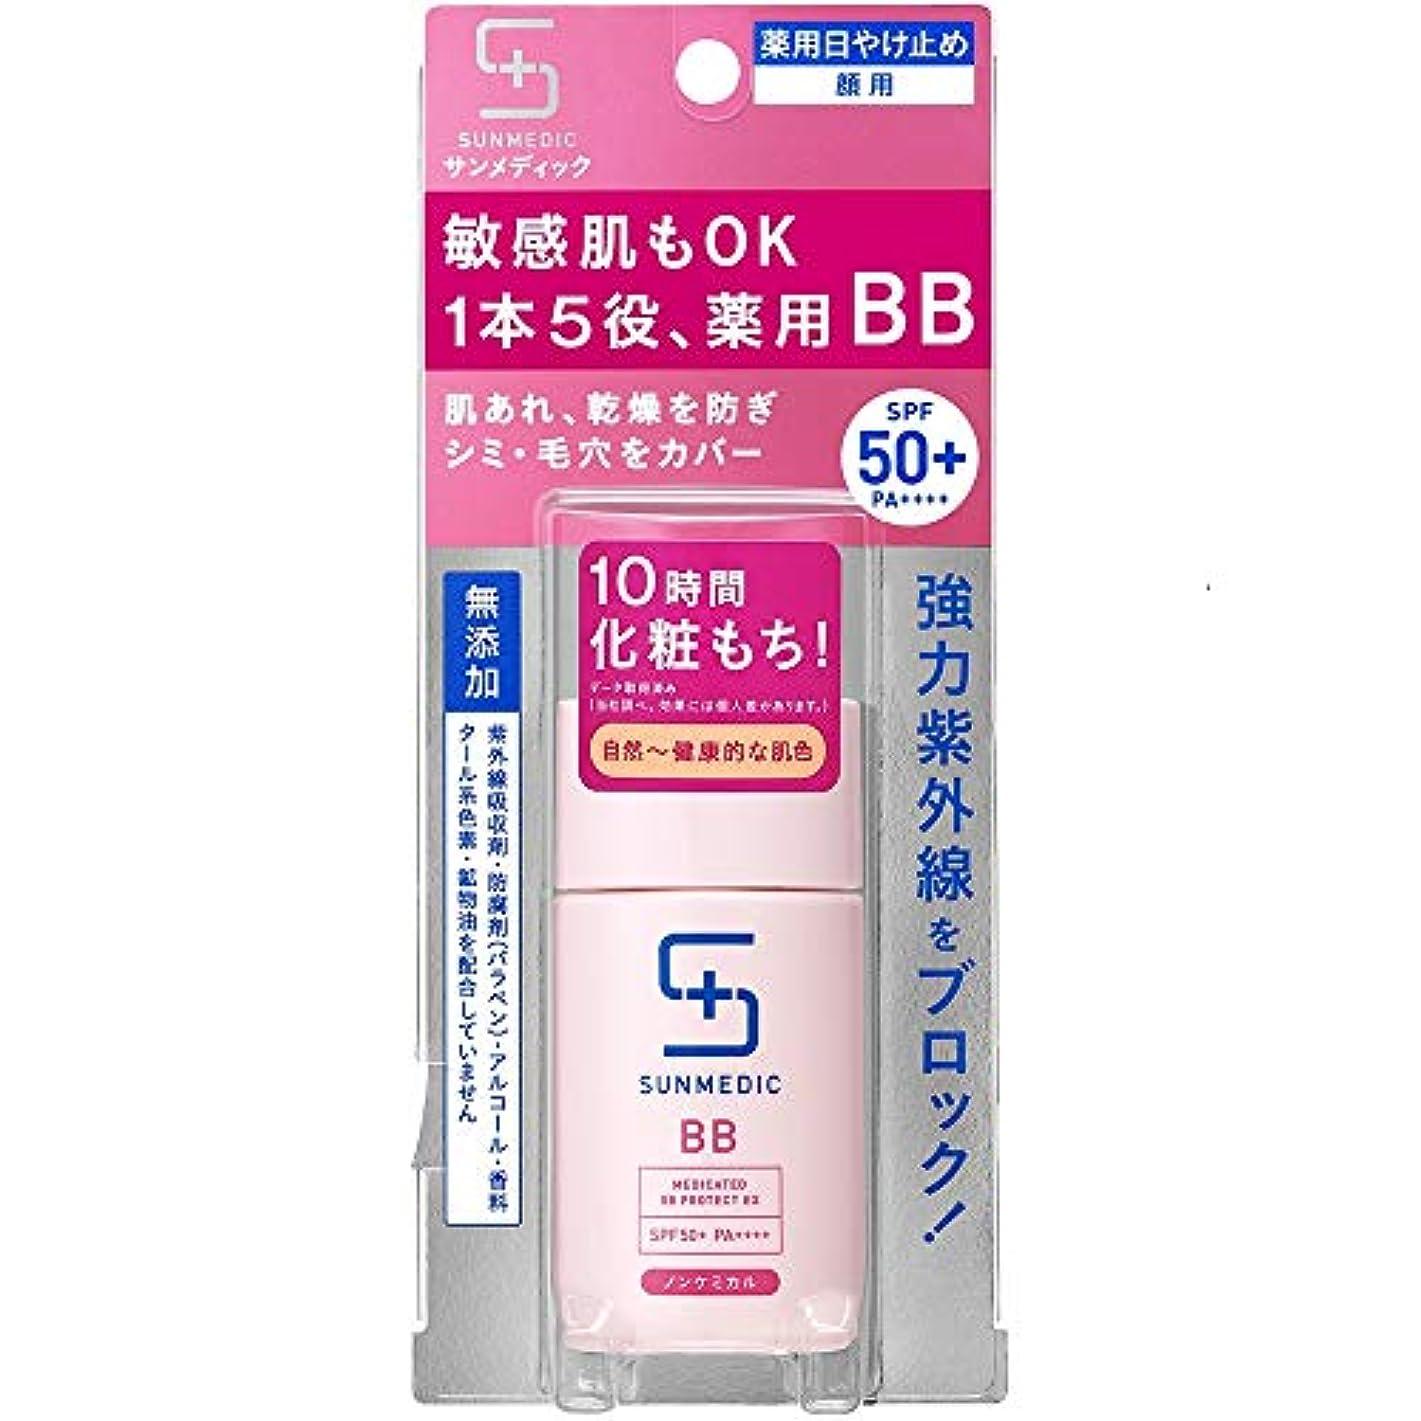 びっくり調和のとれた非武装化サンメディックUV 薬用BBプロテクトEX ナチュラル 30ml (医薬部外品)